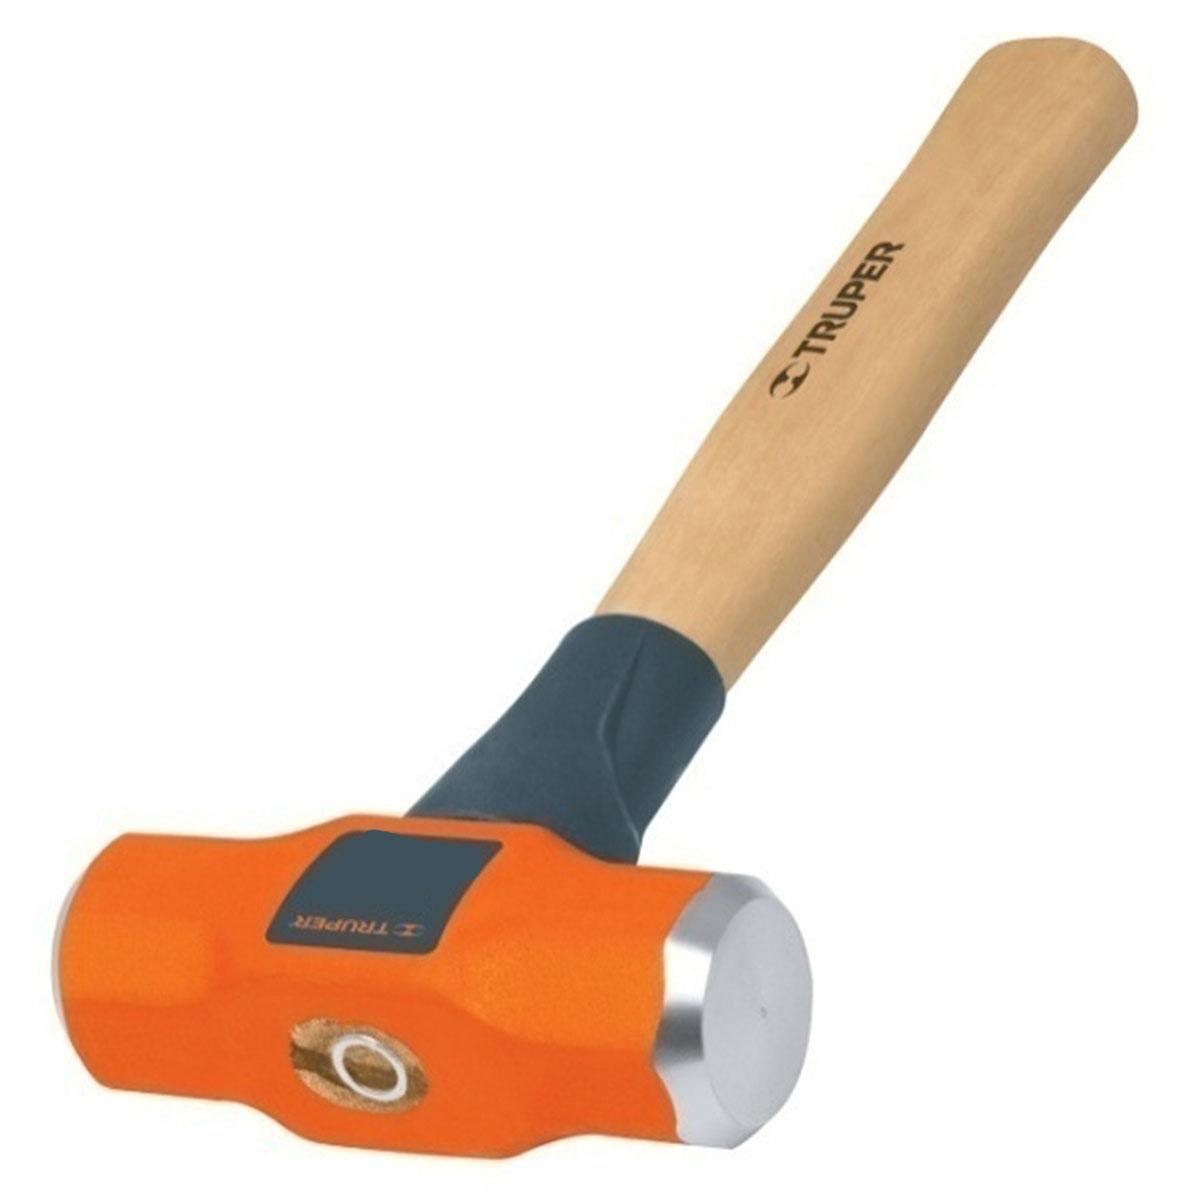 Кувалда Truper, с деревянной рукояткой, 1,3 кгMD-3MКувалда Truper предназначена для нанесения исключительно сильных ударов при обработке металла, на демонтаже и монтаже конструкций. Деревянная ручка с антишоковой защитой, изготовленная из дуба, обеспечивает надежный хват. Финишная обработка бойка.